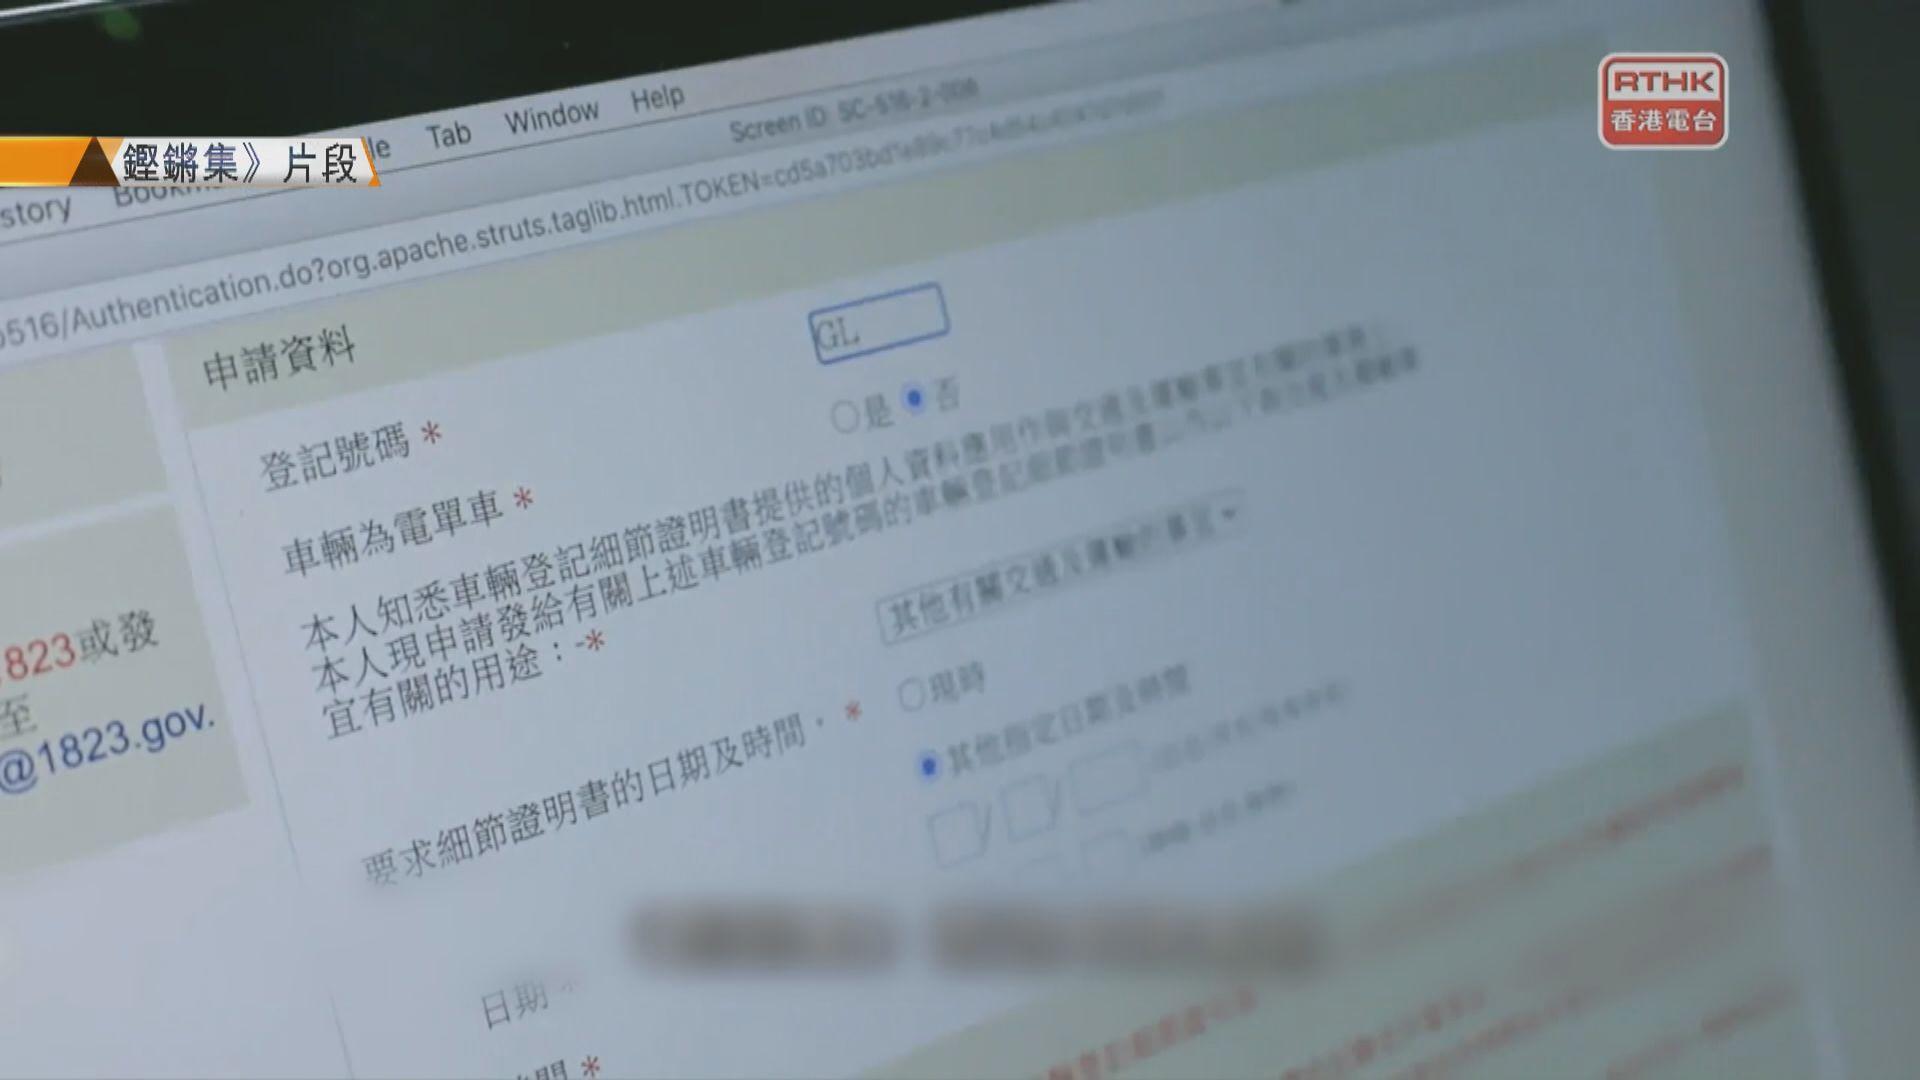 【721報道】鏗鏘集記者被捕 消息指警接投訴及私隱專員轉介後調查